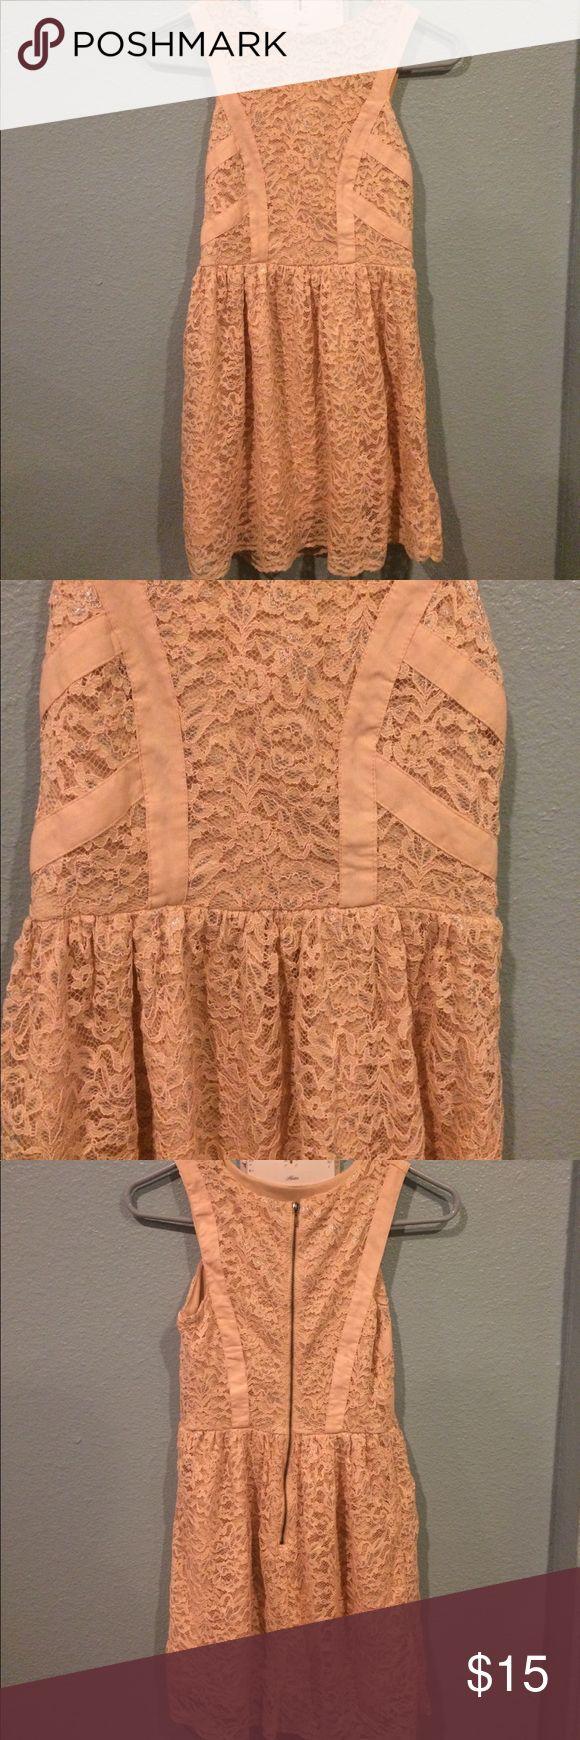 Blush pink lace dress Beautiful lace dress . Blush pink with silver accents . Xhilaration Dresses